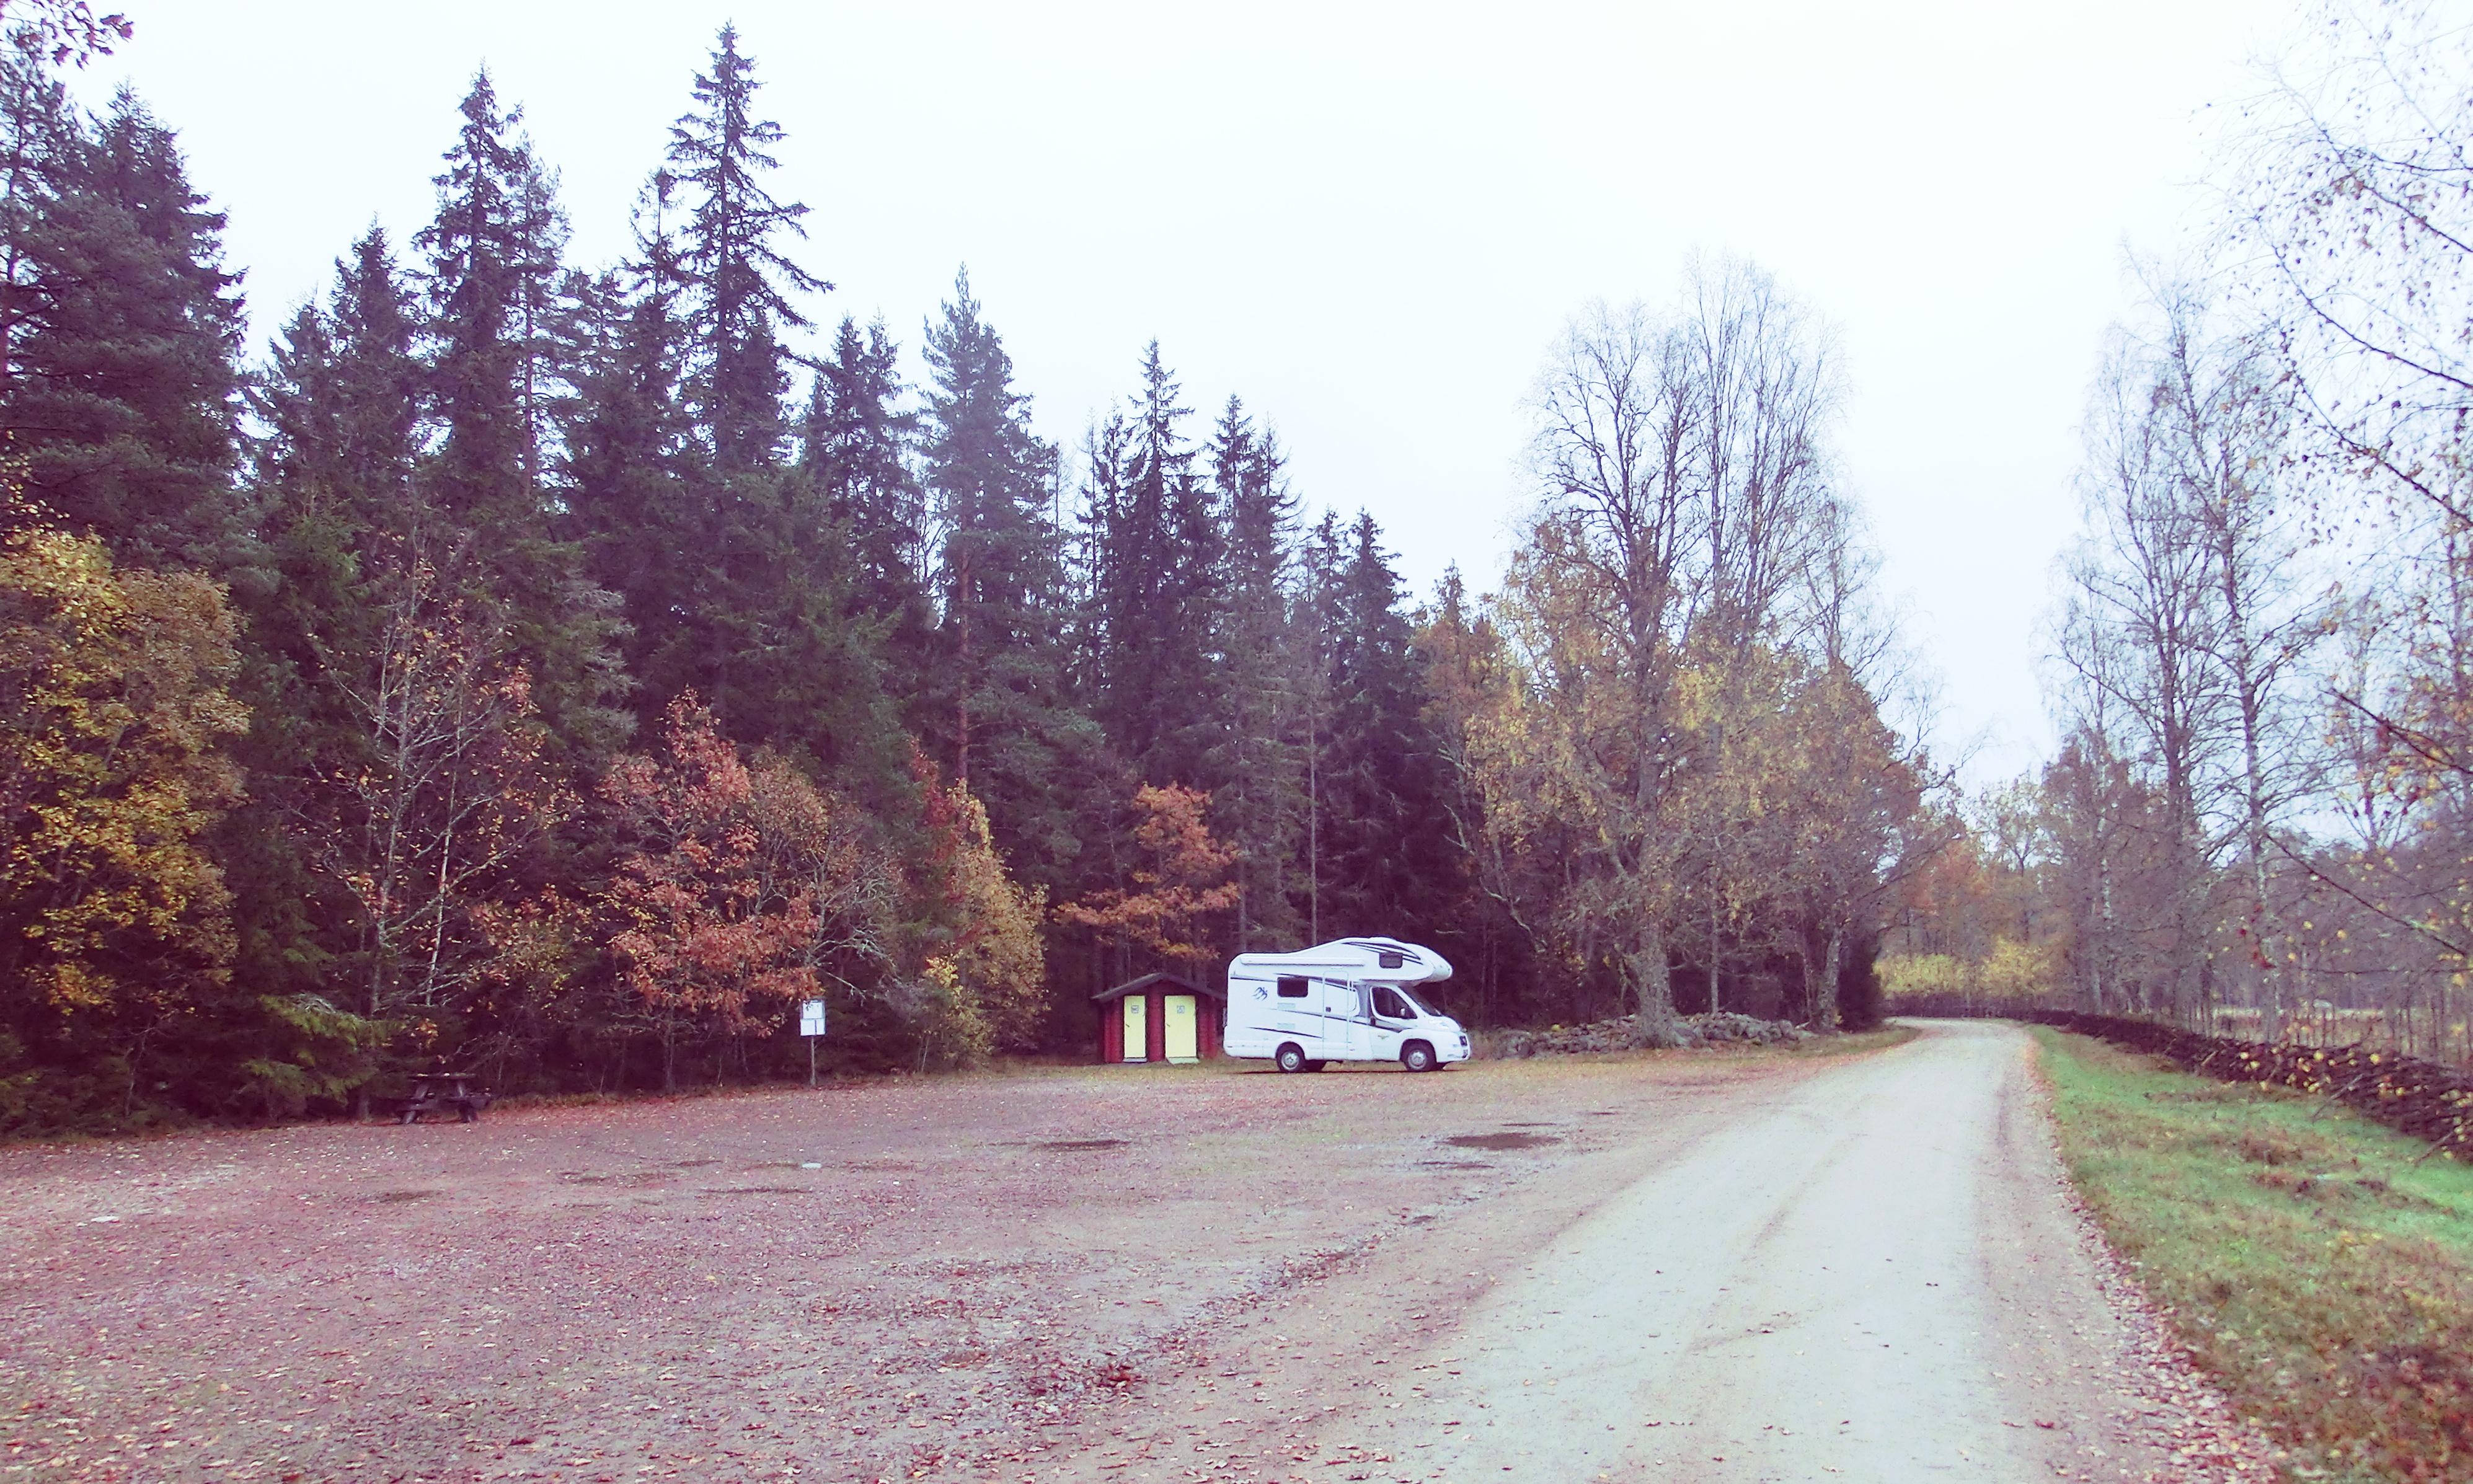 Wohnmobil auf einem Parkplatz im Wald